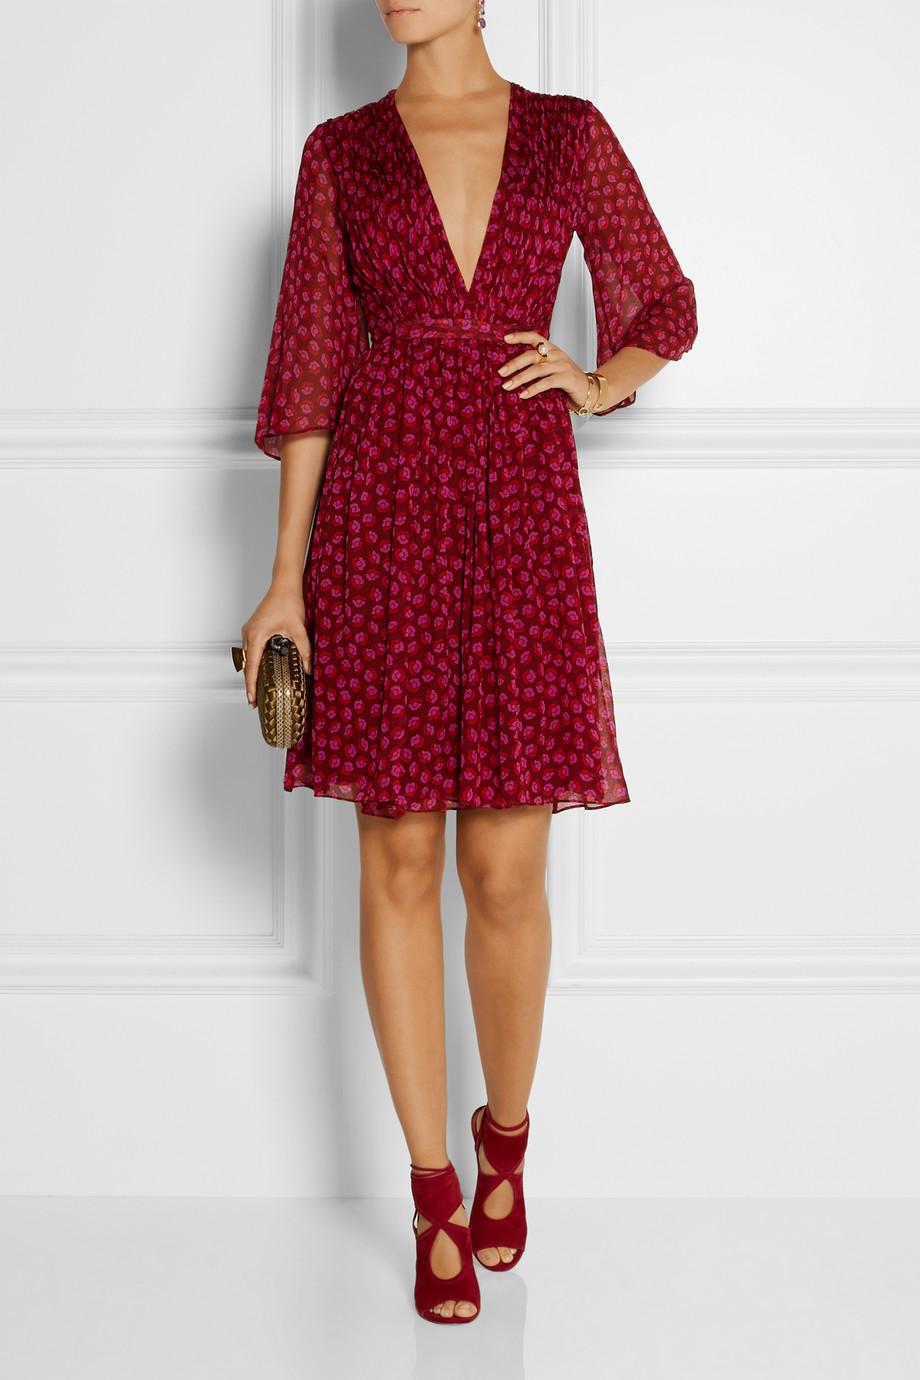 Fancy friday diane von furstenberg wrap dresses for Diane von furstenberg clothing